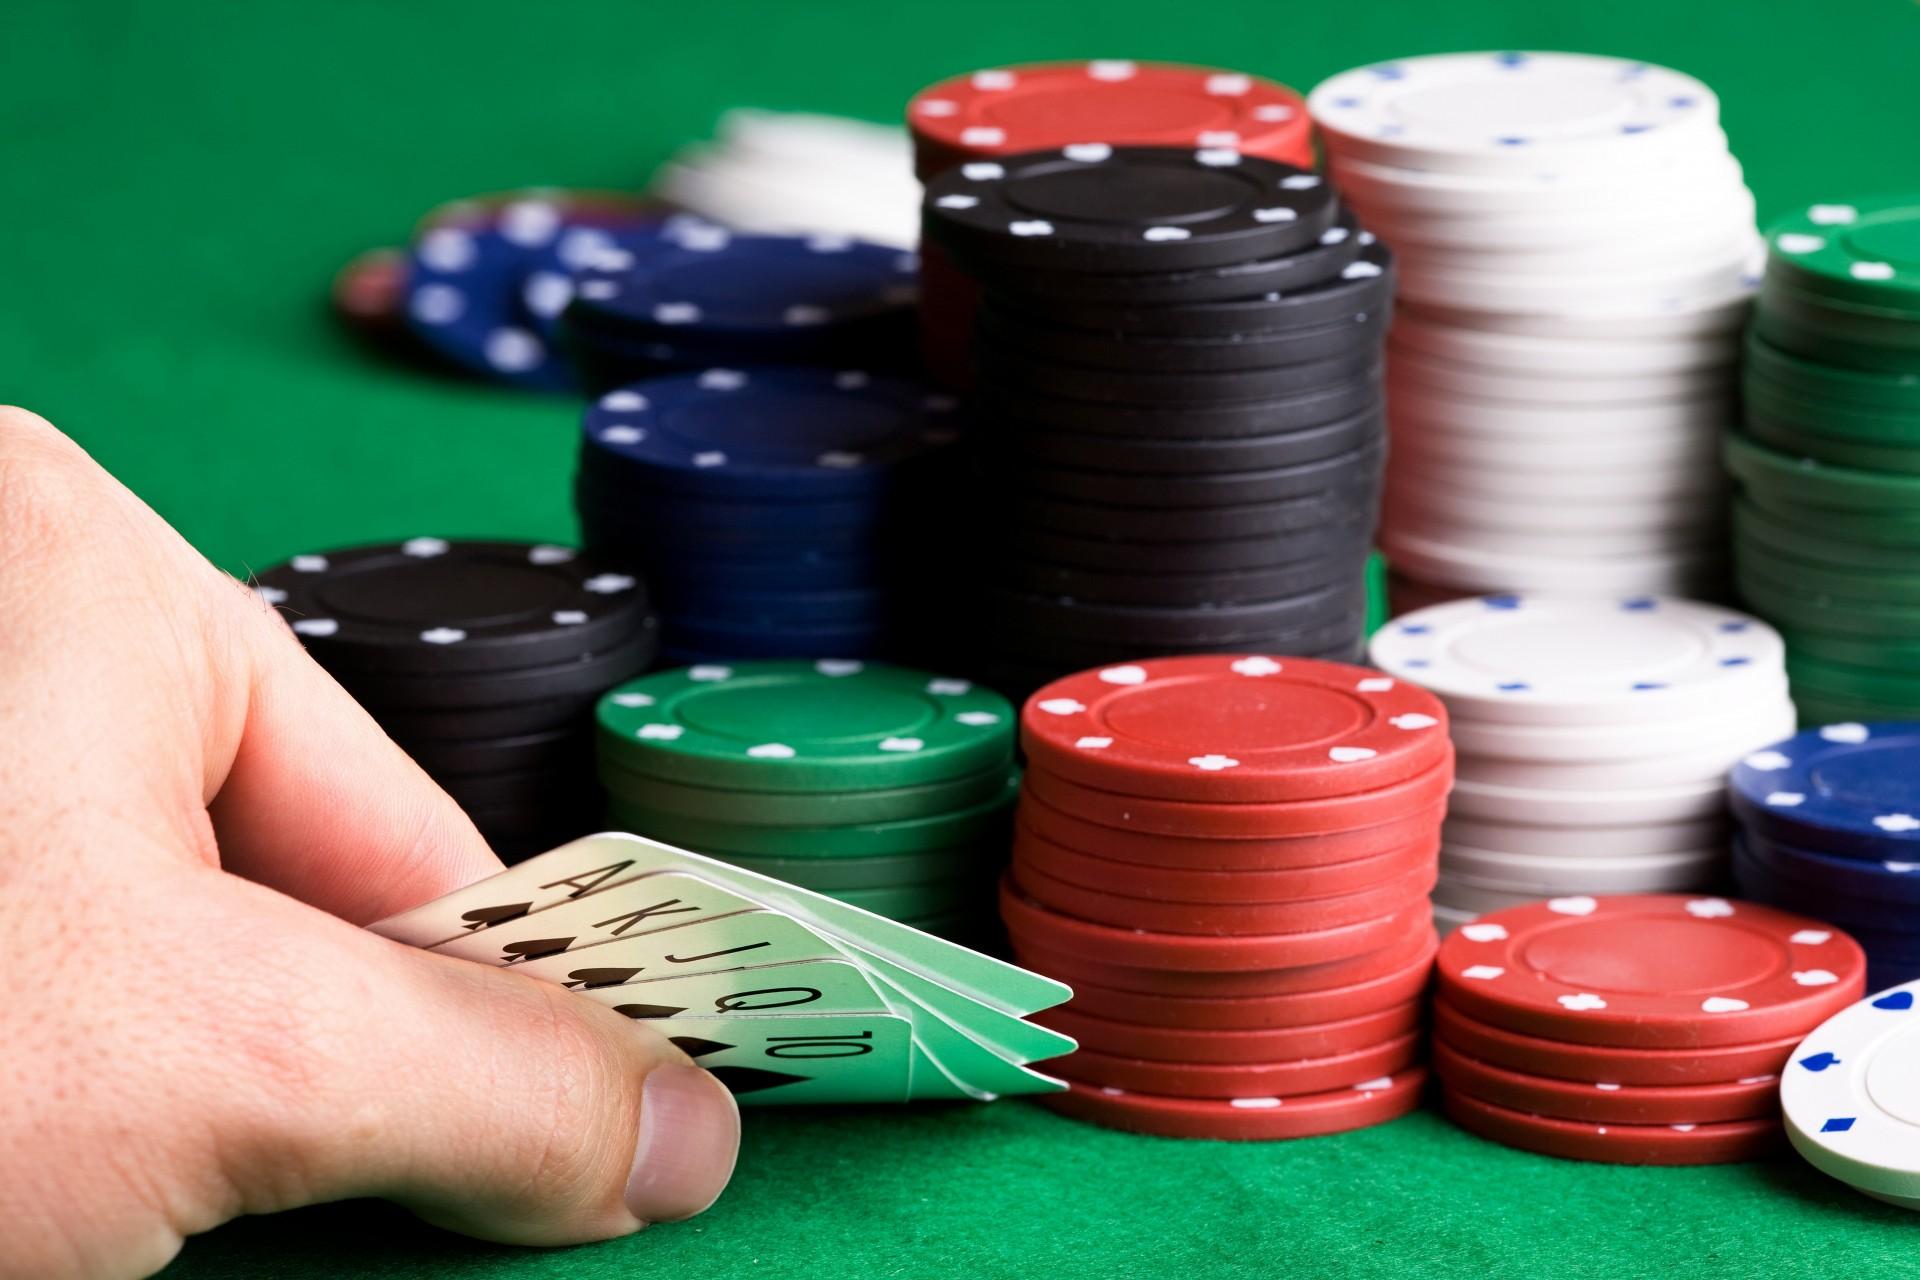 Флешь азартные игры азартные игры, игровая индустрия